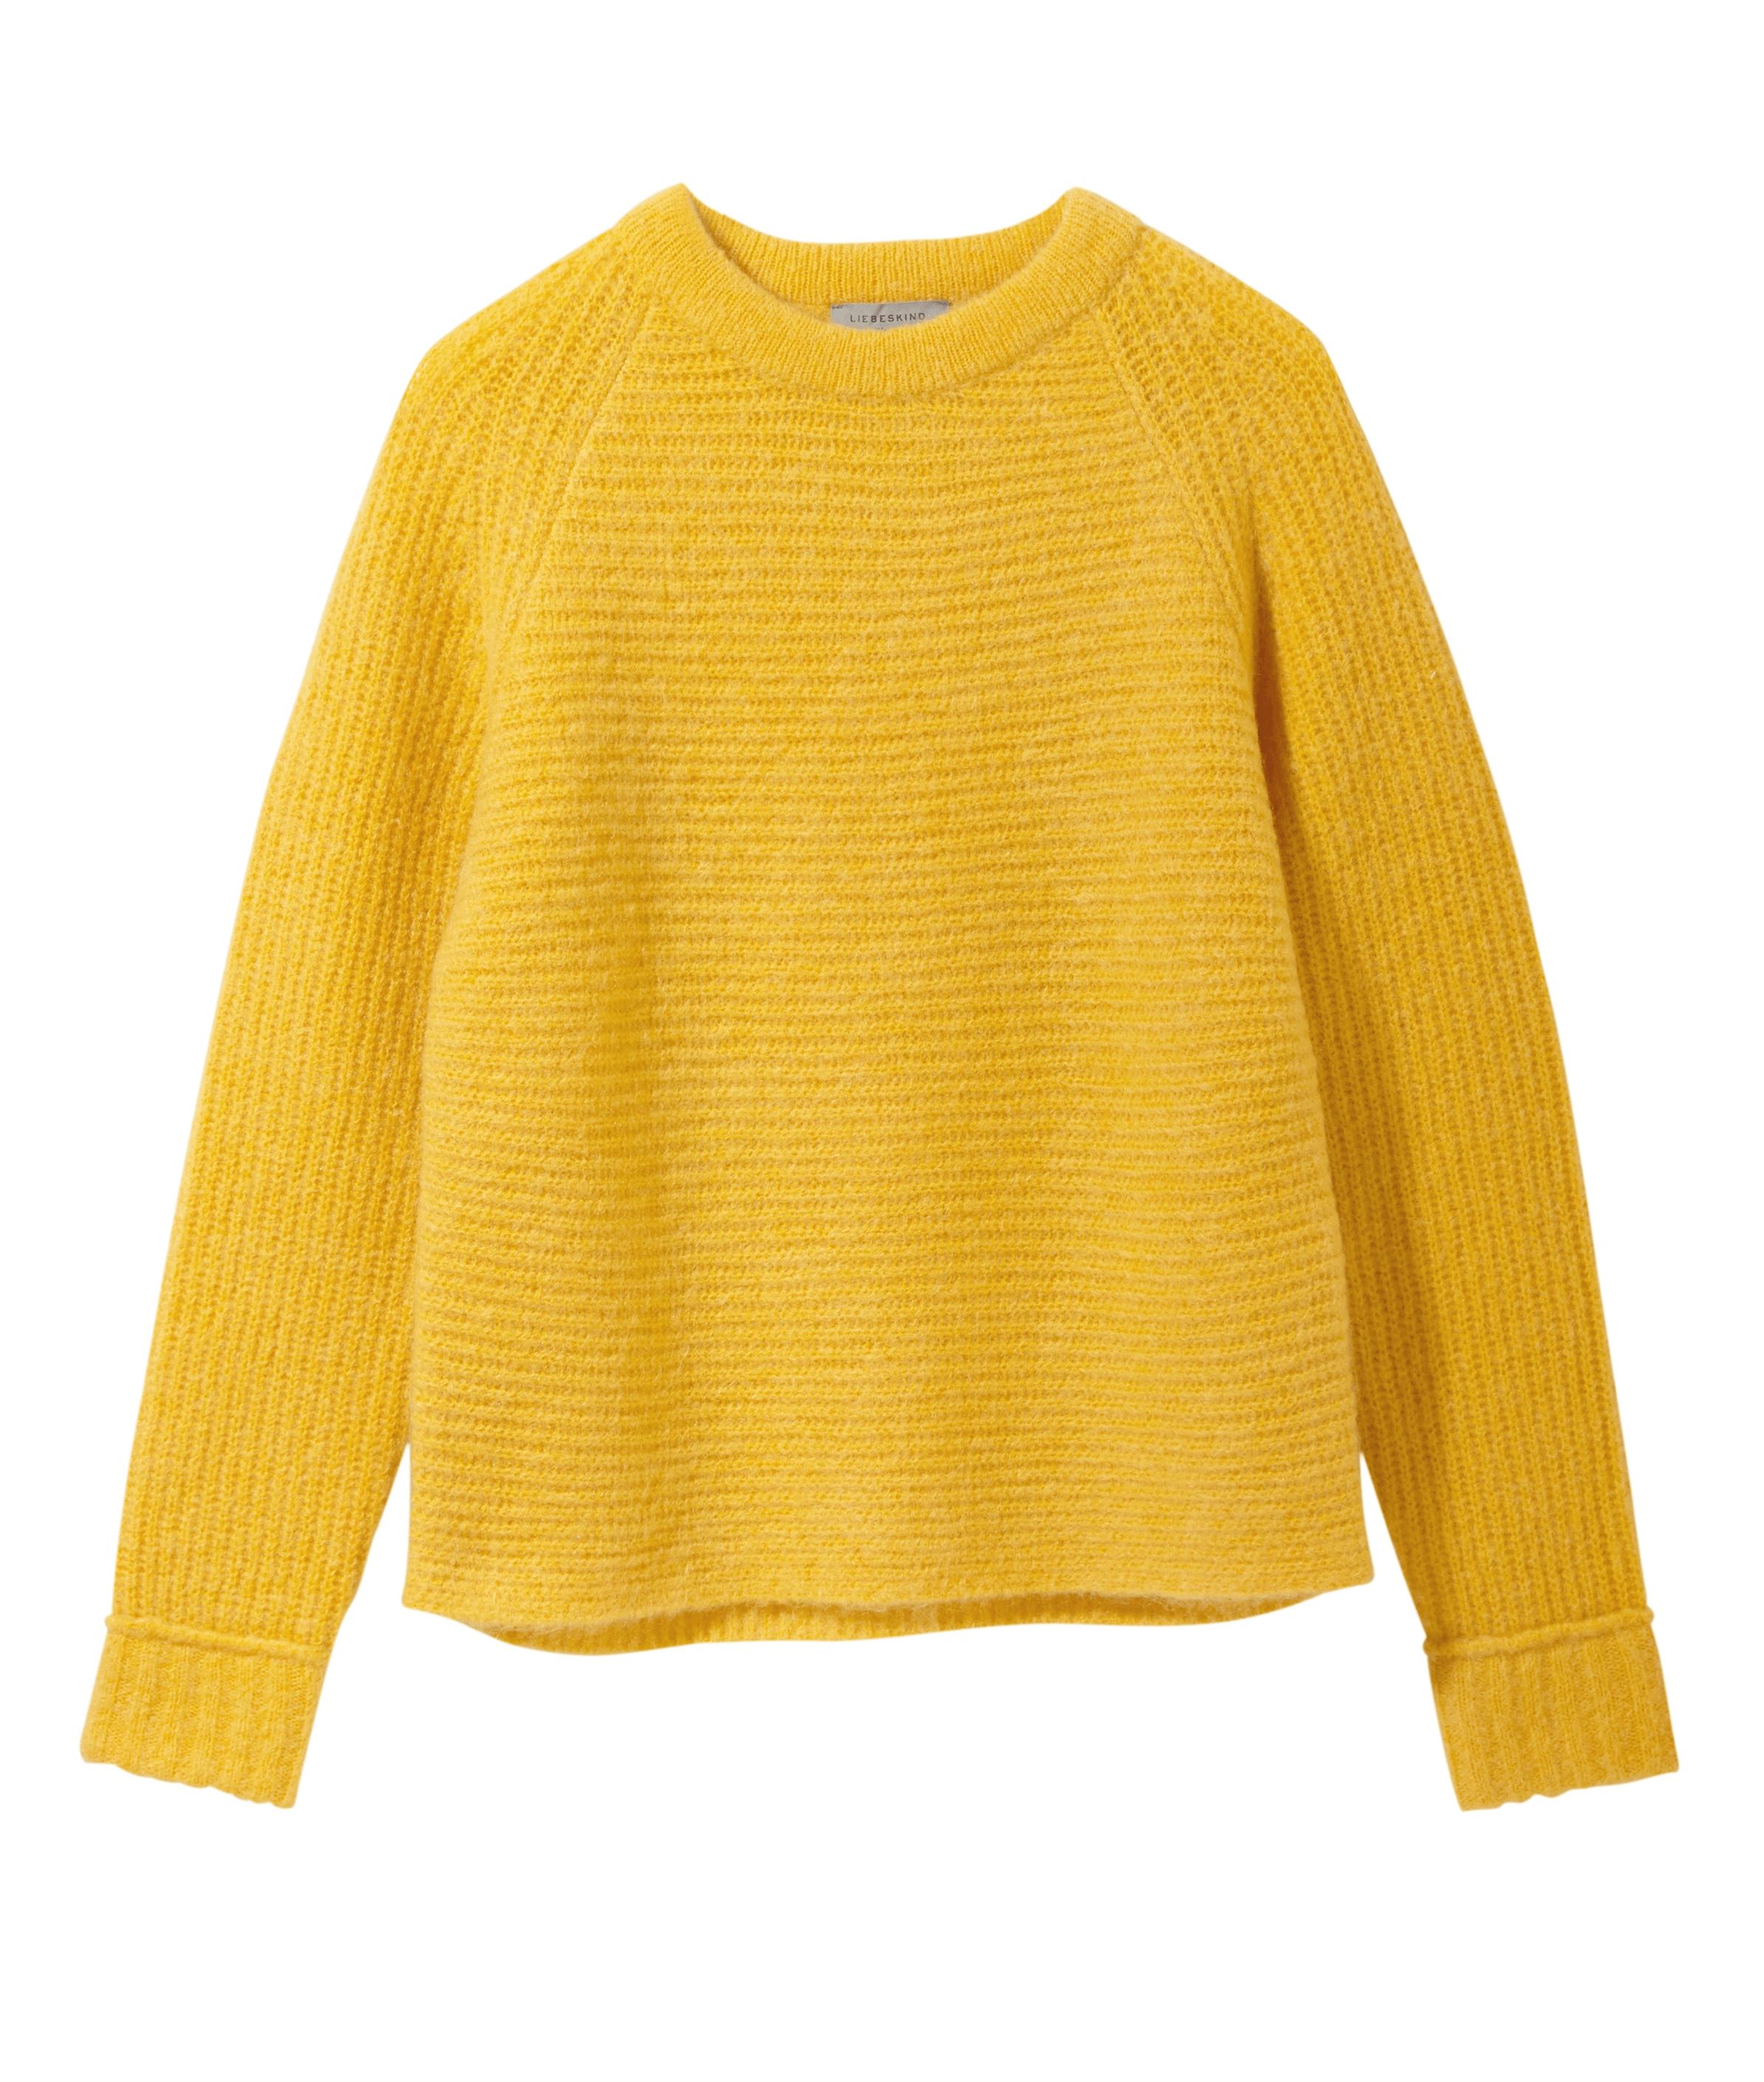 liebeskind berlin - Grobstrickpullover mit Wolle, Gelb, Größe XL